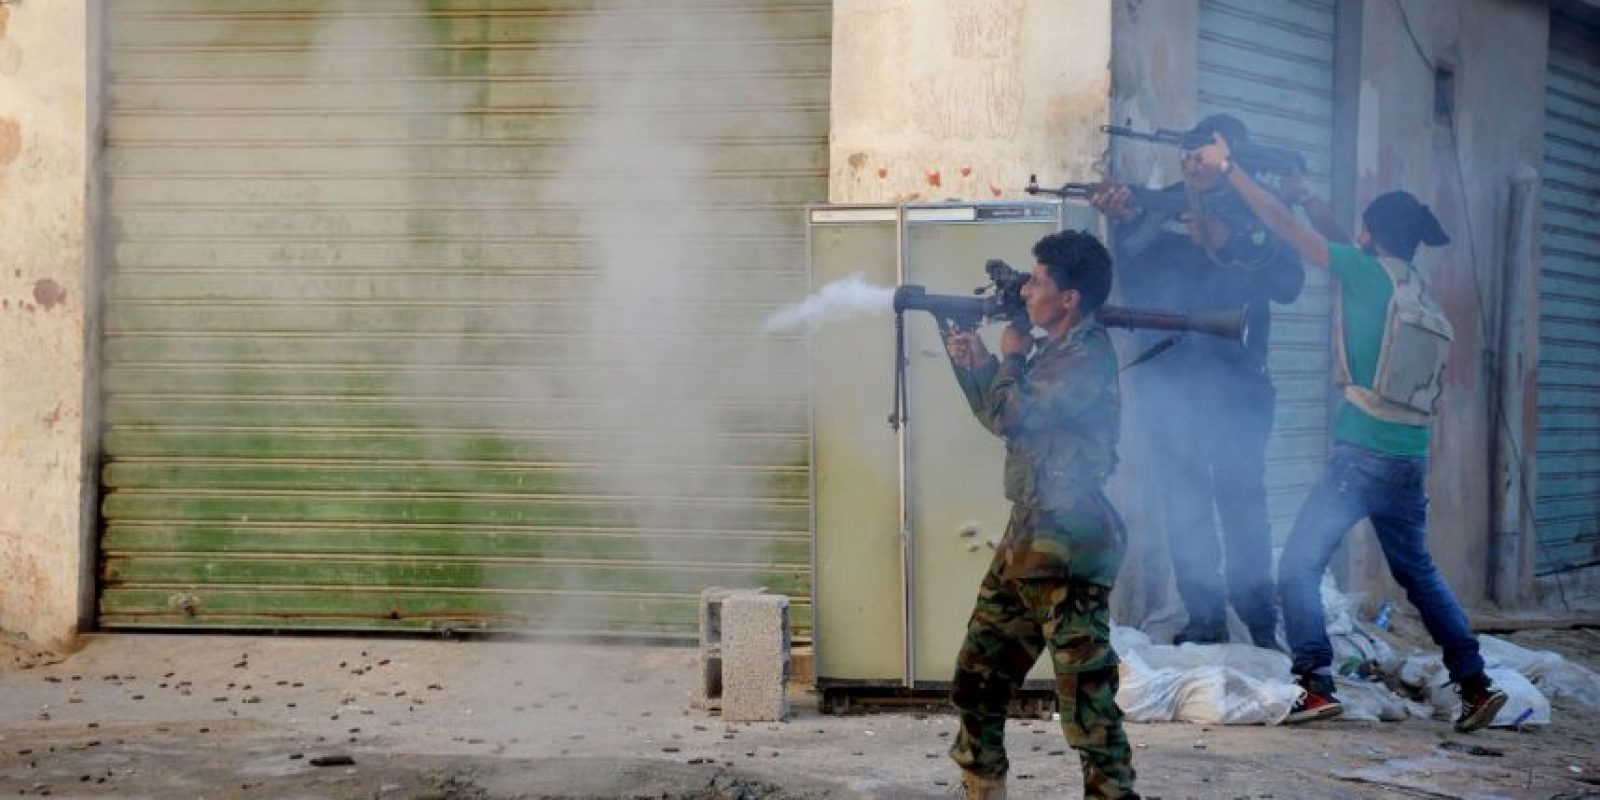 La guerra contra Estado Islámico continúa con una coalición de varios países liderada por Estados Unidos, a un año de que el grupo terrorista declarara el Califato. Foto:AP